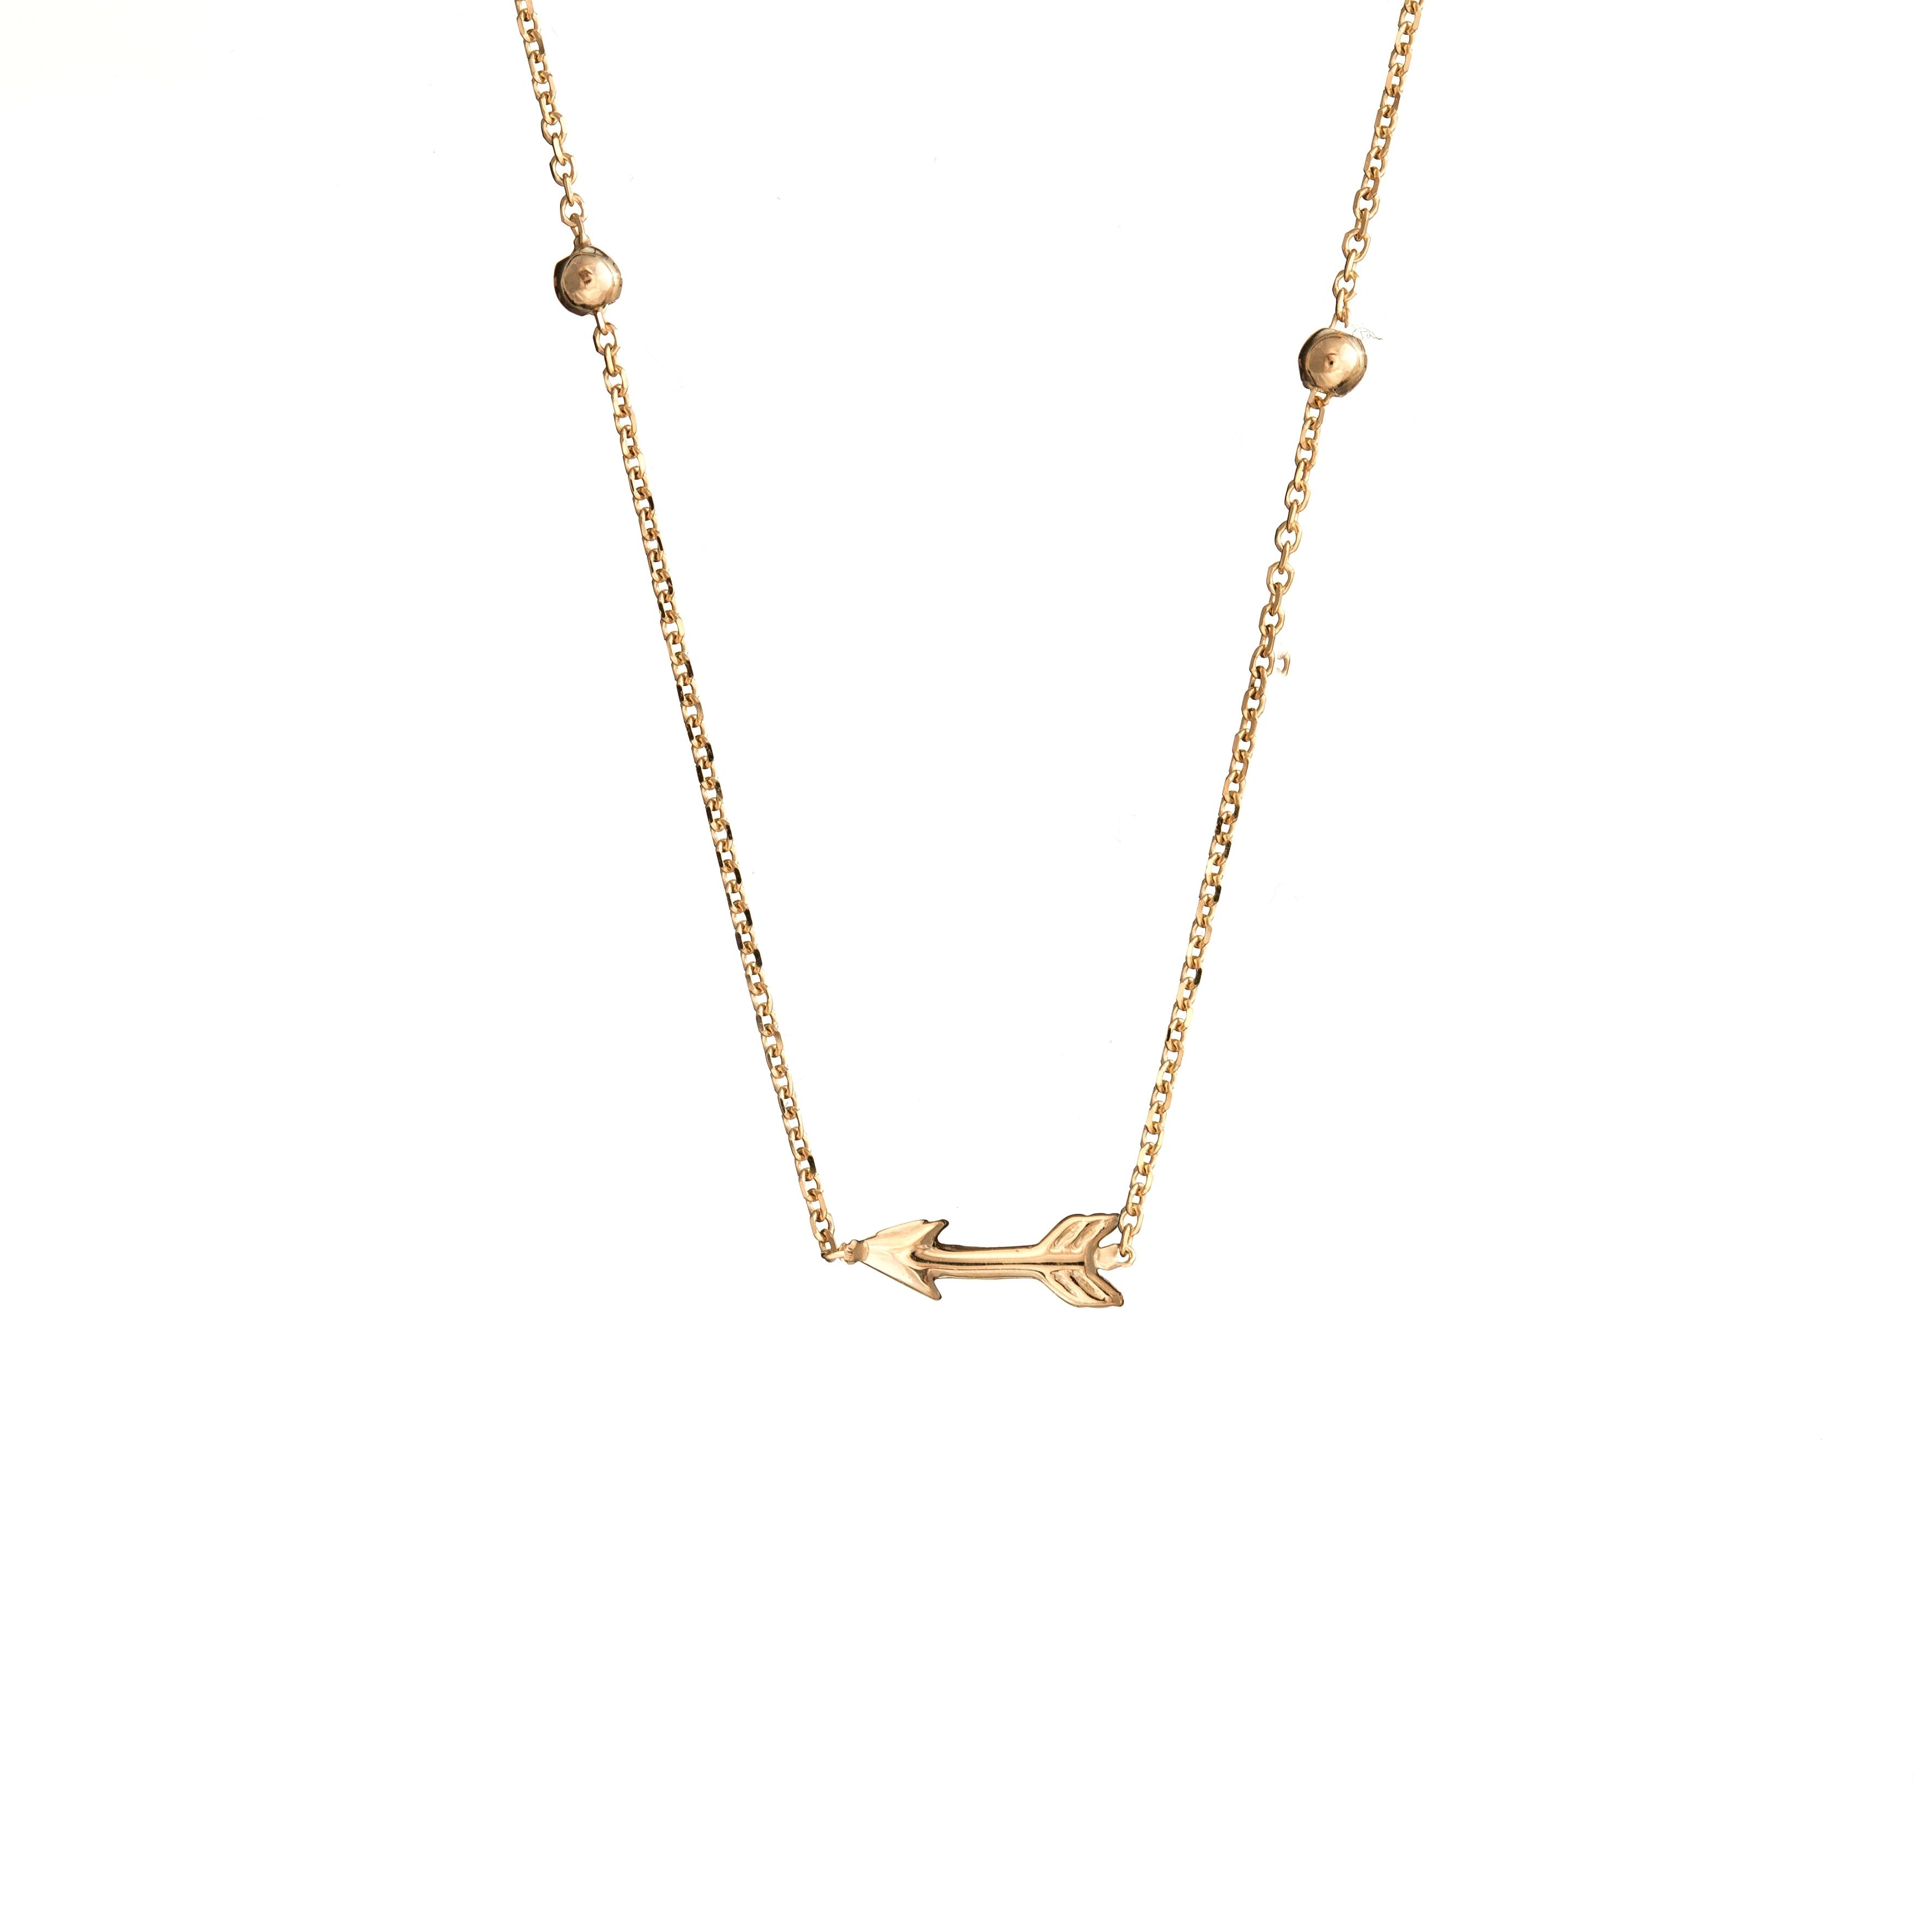 Naszyjnik SOFT złoty ze strzała i kuleczkami